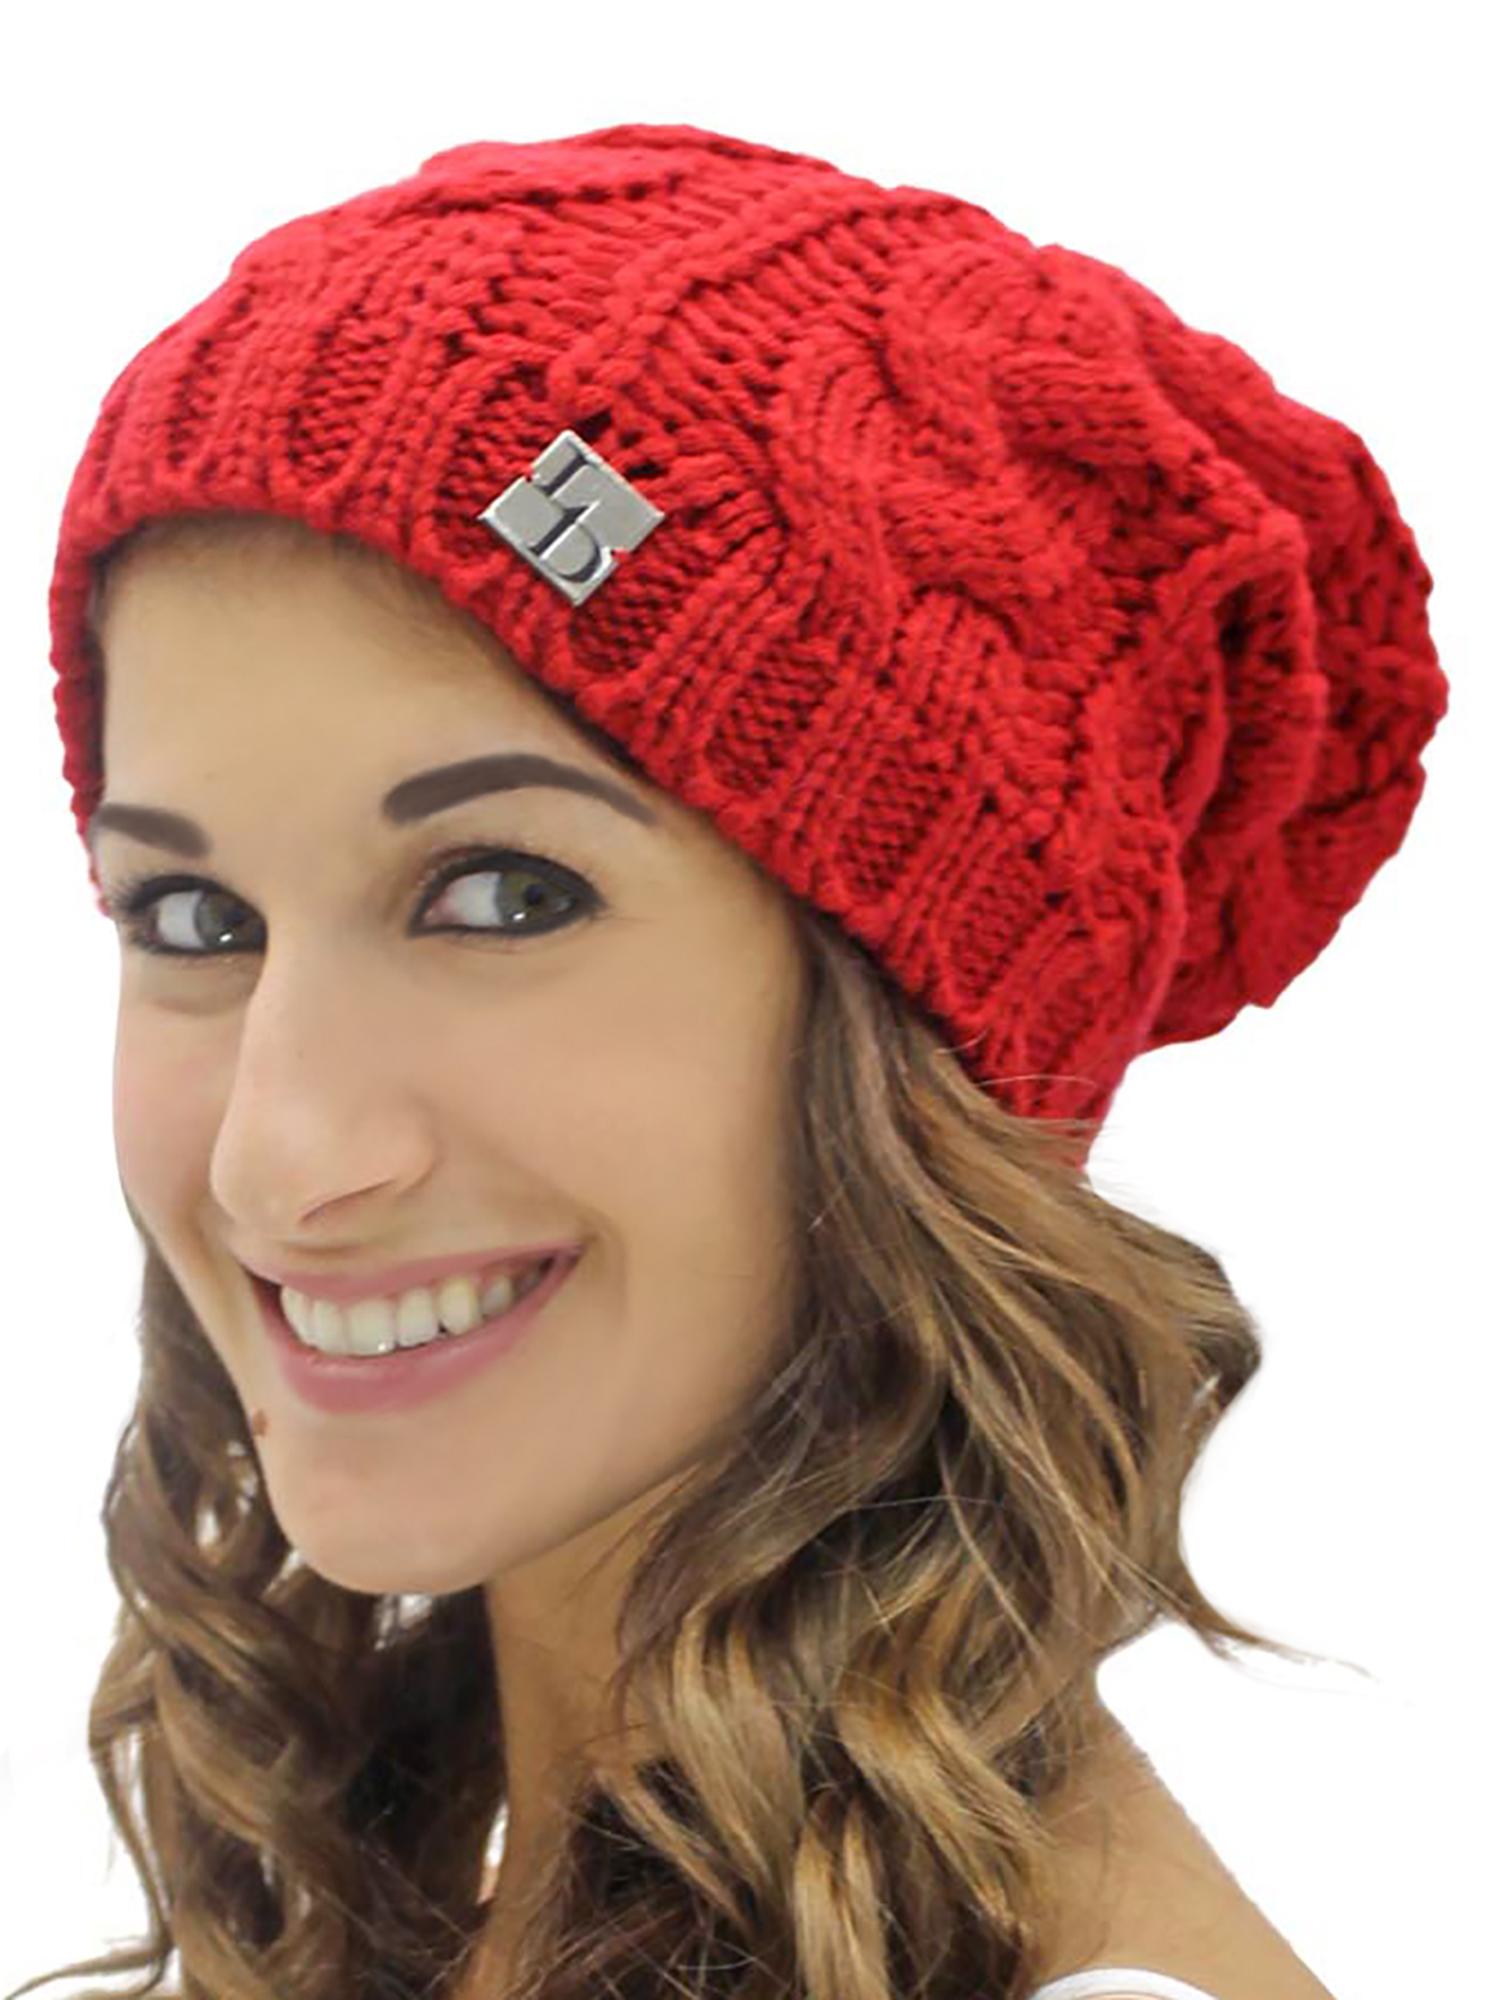 102c58ec107 CABLE KNIT UNISEX SLOUCHY BEANIE CAP HAT